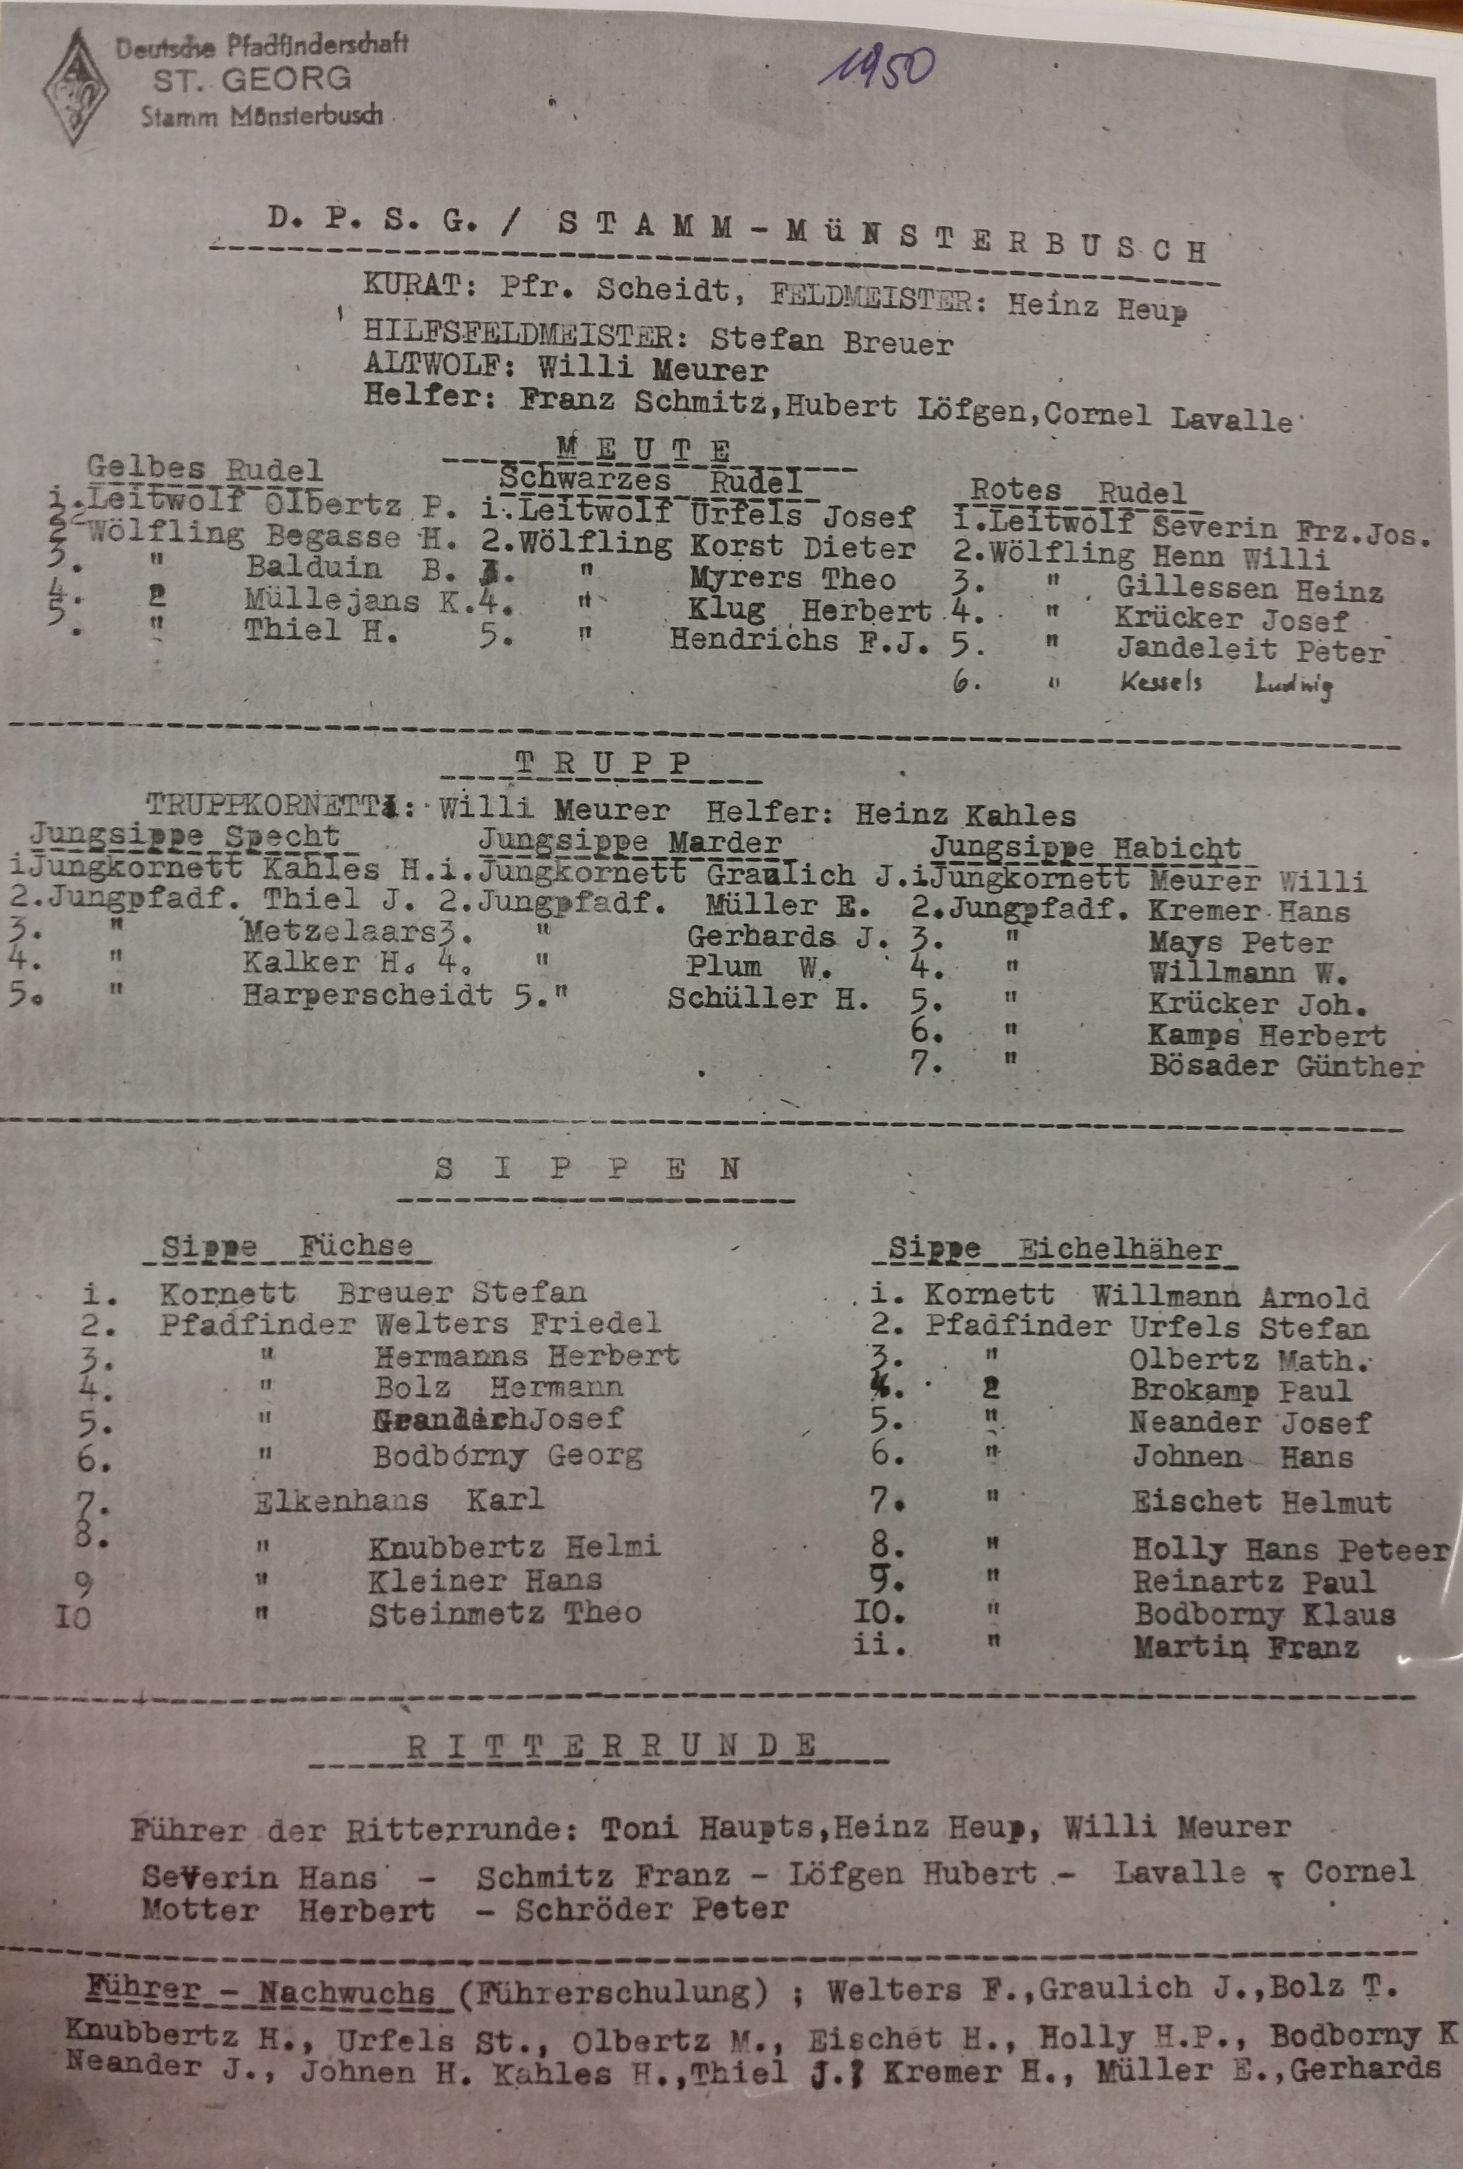 Mitgliederliste des Stammes Münsterbusch 1950